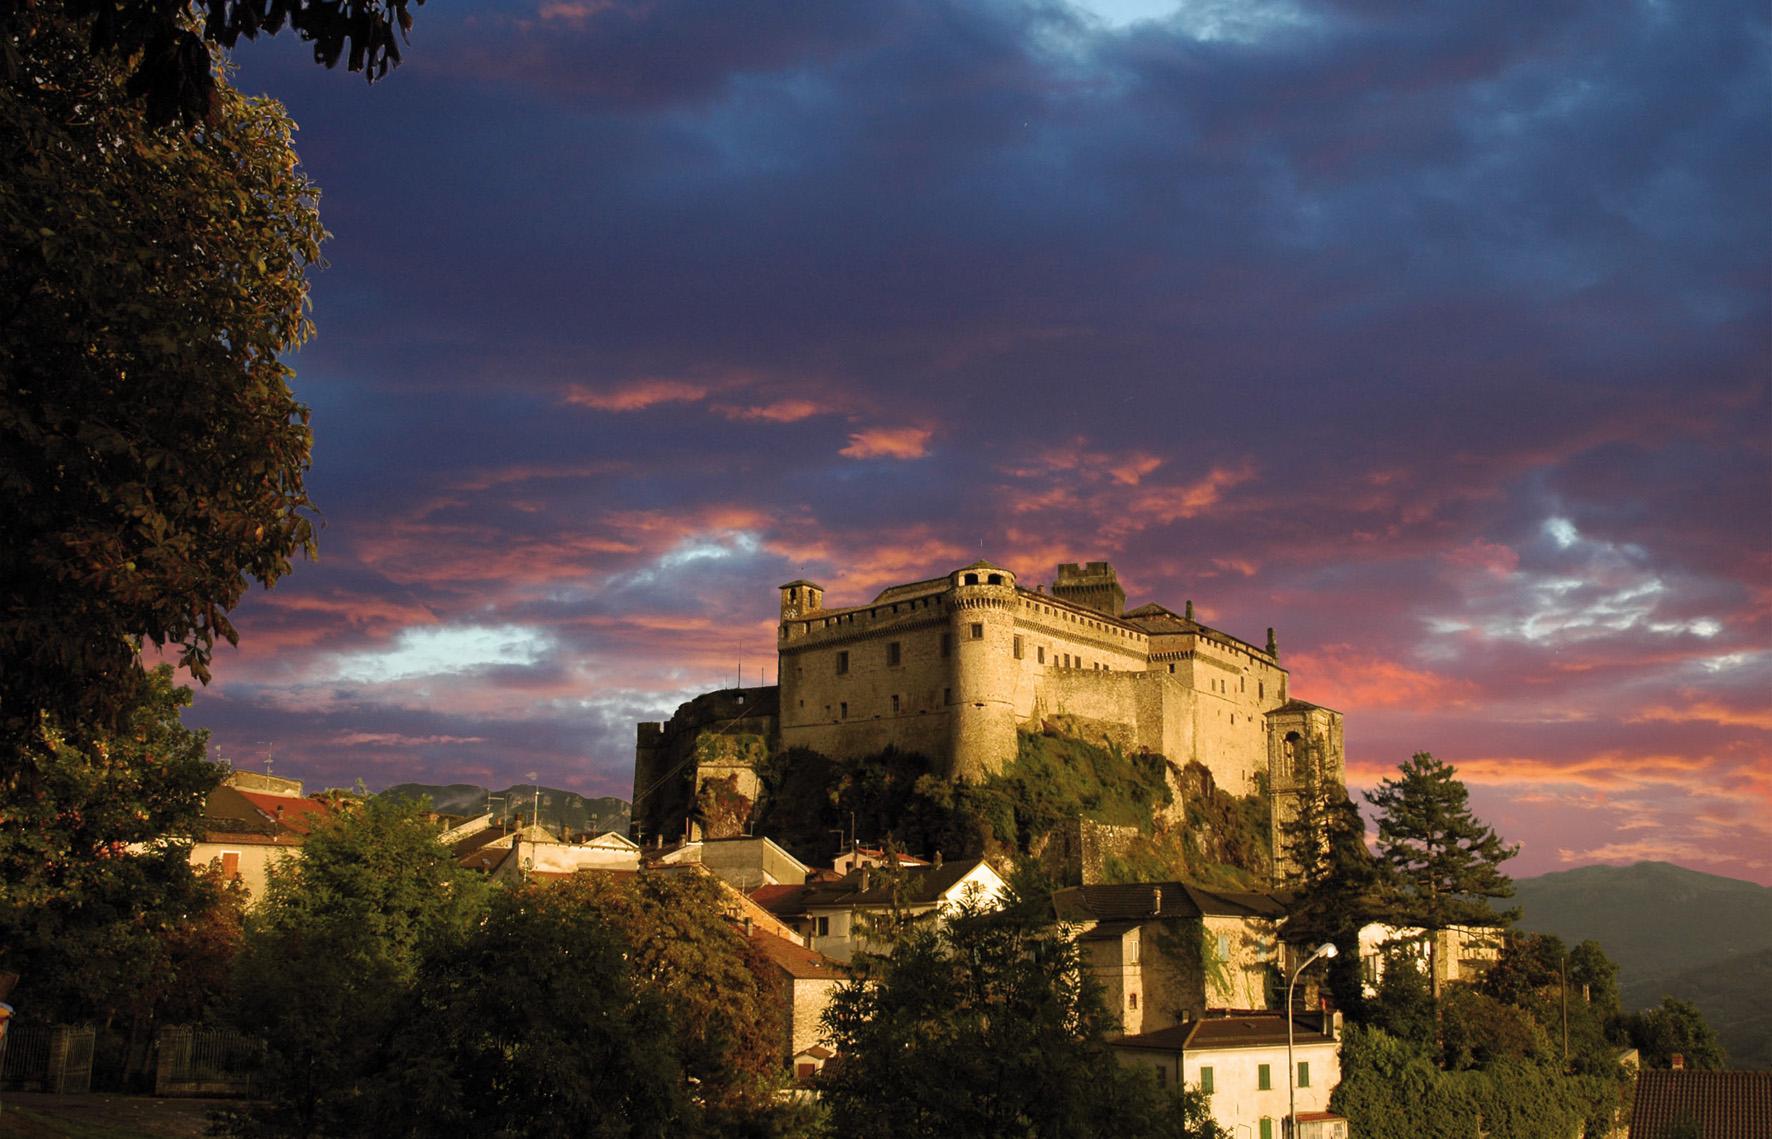 Creepy Emilia-Romagna